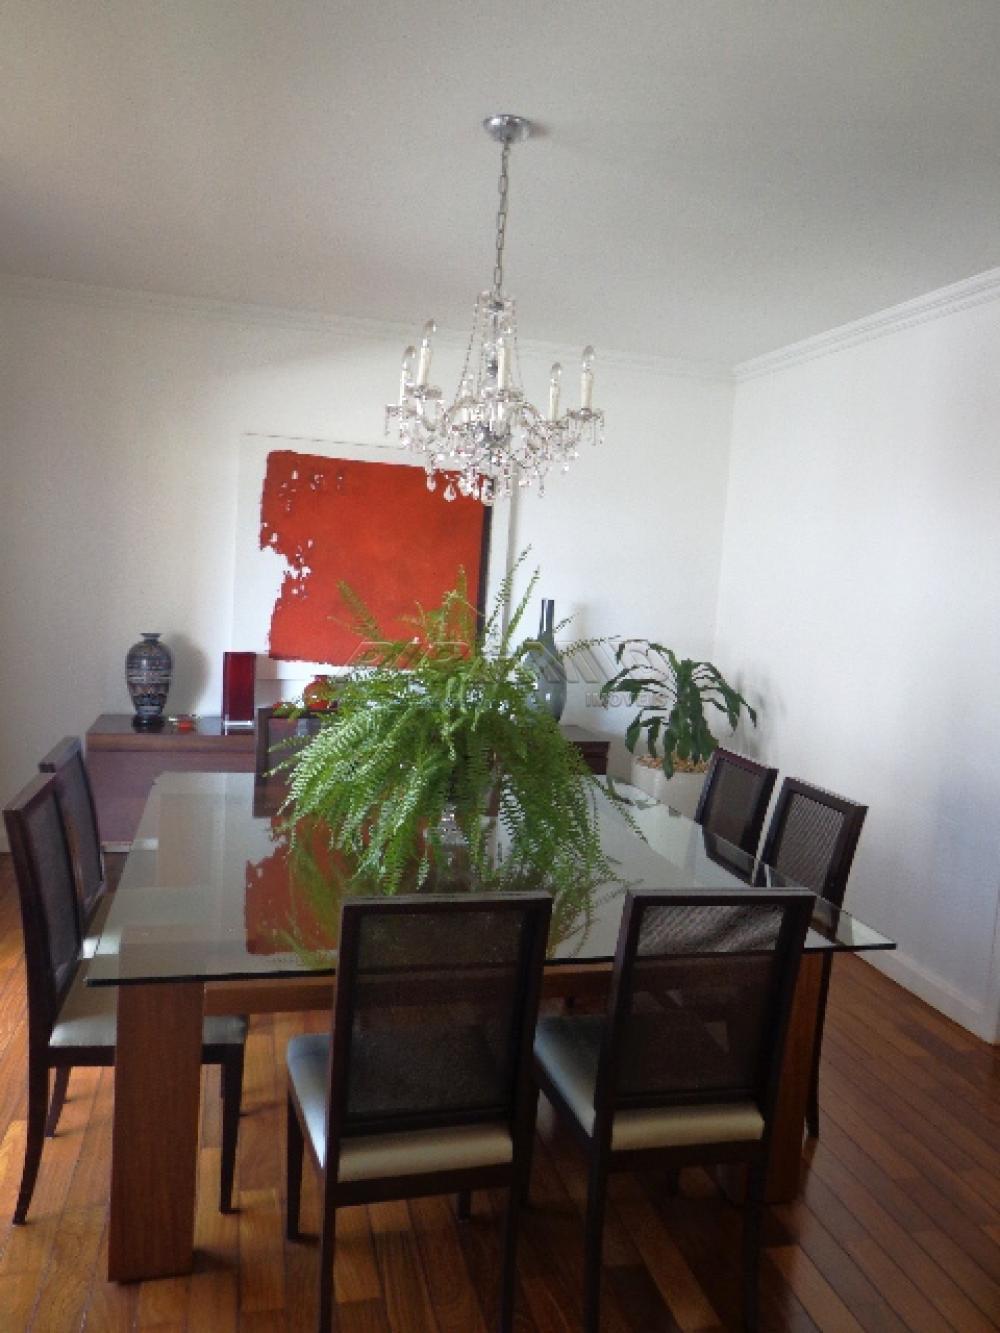 Comprar Apartamento / Padrão em Ribeirão Preto apenas R$ 750.000,00 - Foto 8